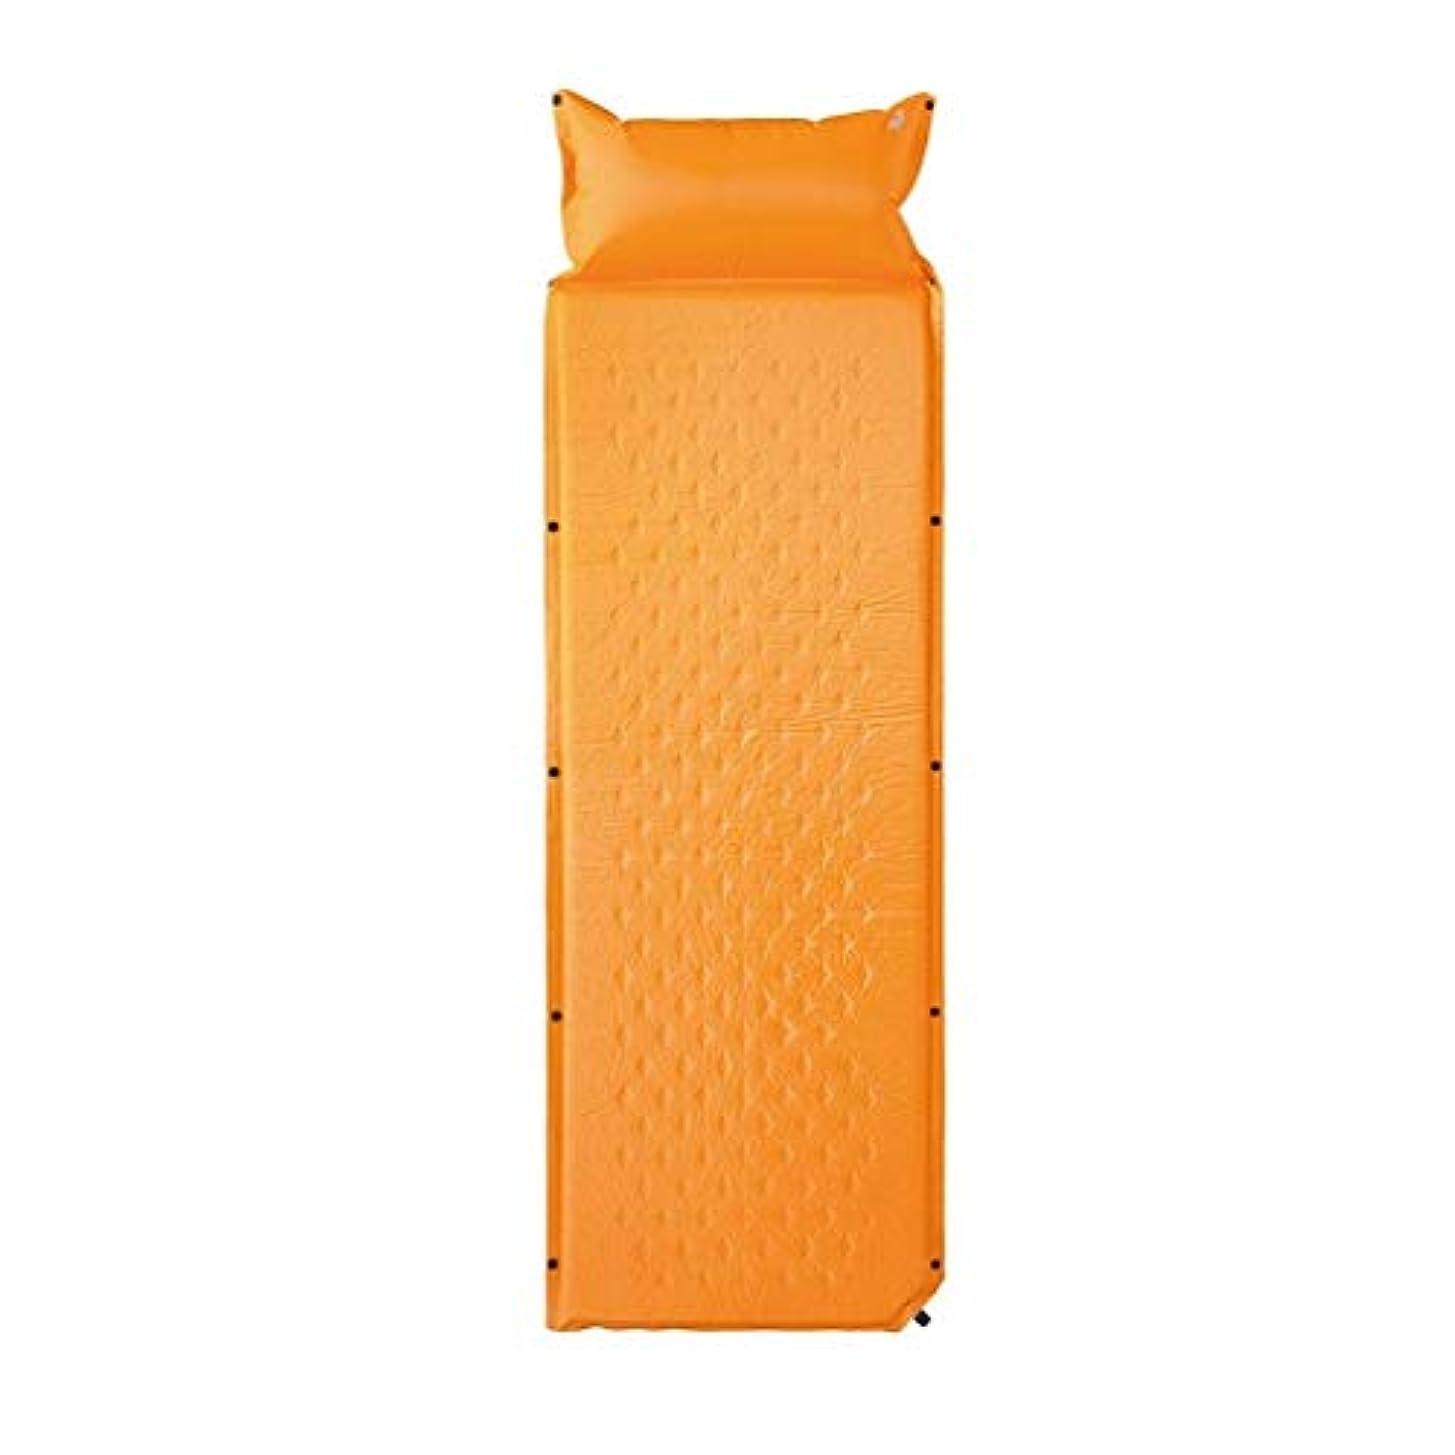 同等の悲しいことにラダWSJTT 付属の枕インフレータブルフォームマットで膨脹するキャンプスリーピングパッド自己ハイキングバックパッキングテント用超軽量折りたたみエアマットレス